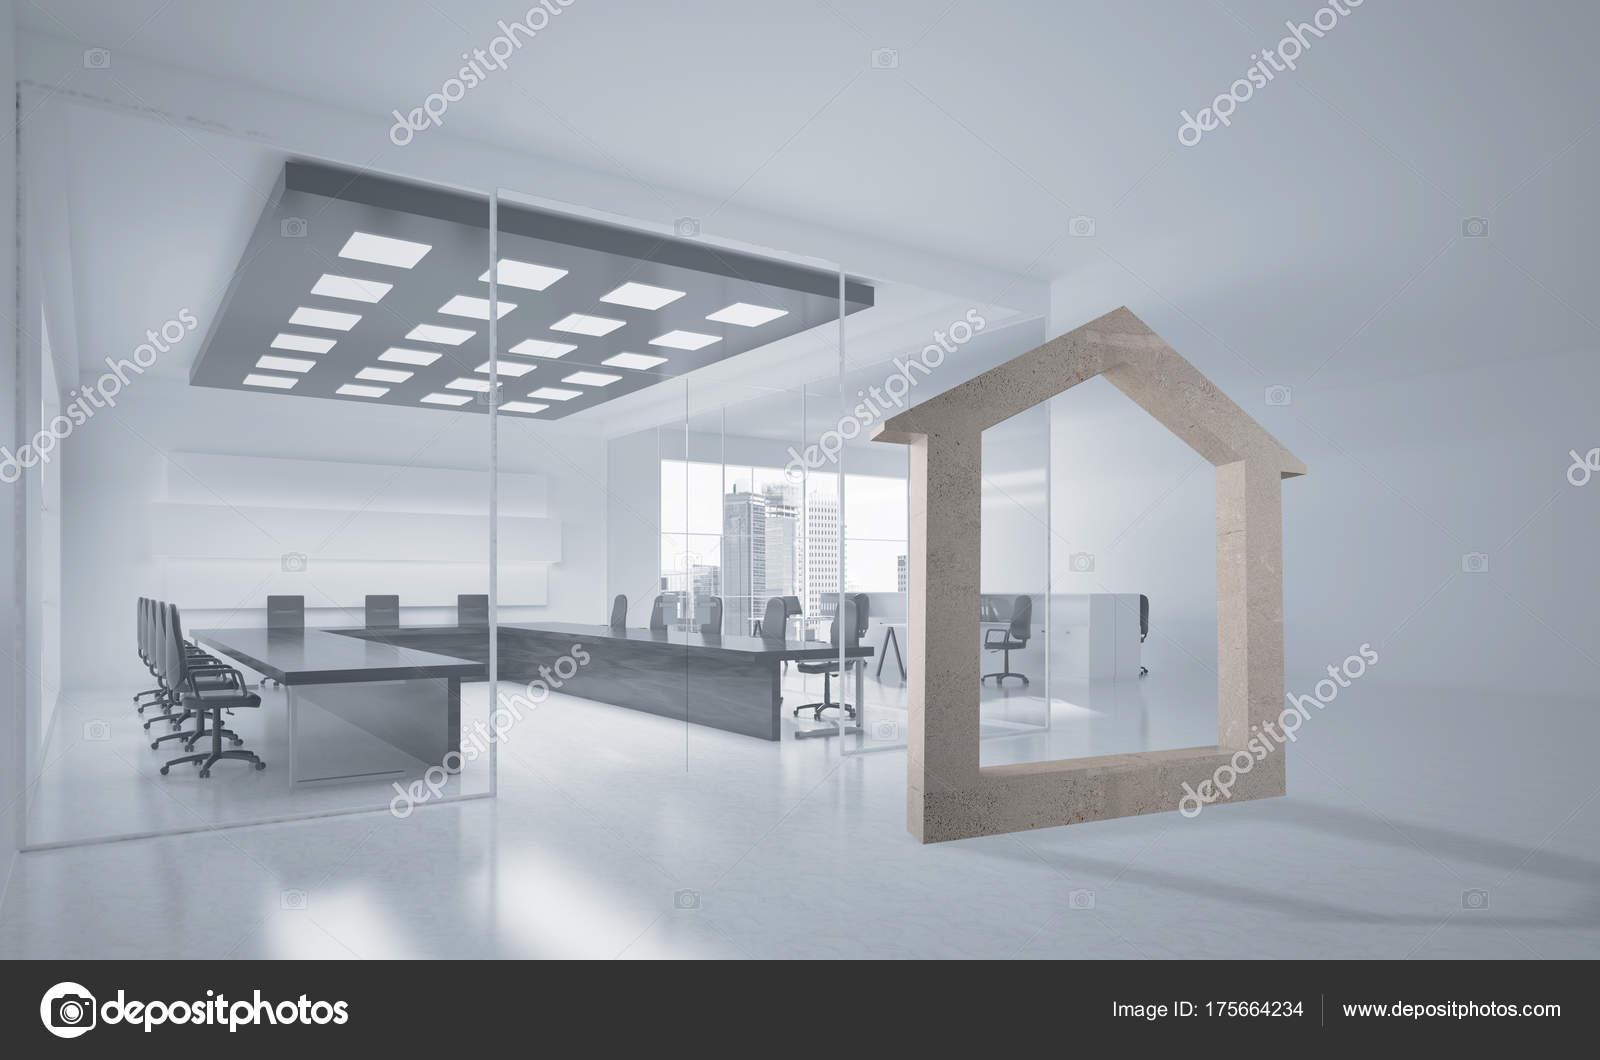 офиса рисунок современного